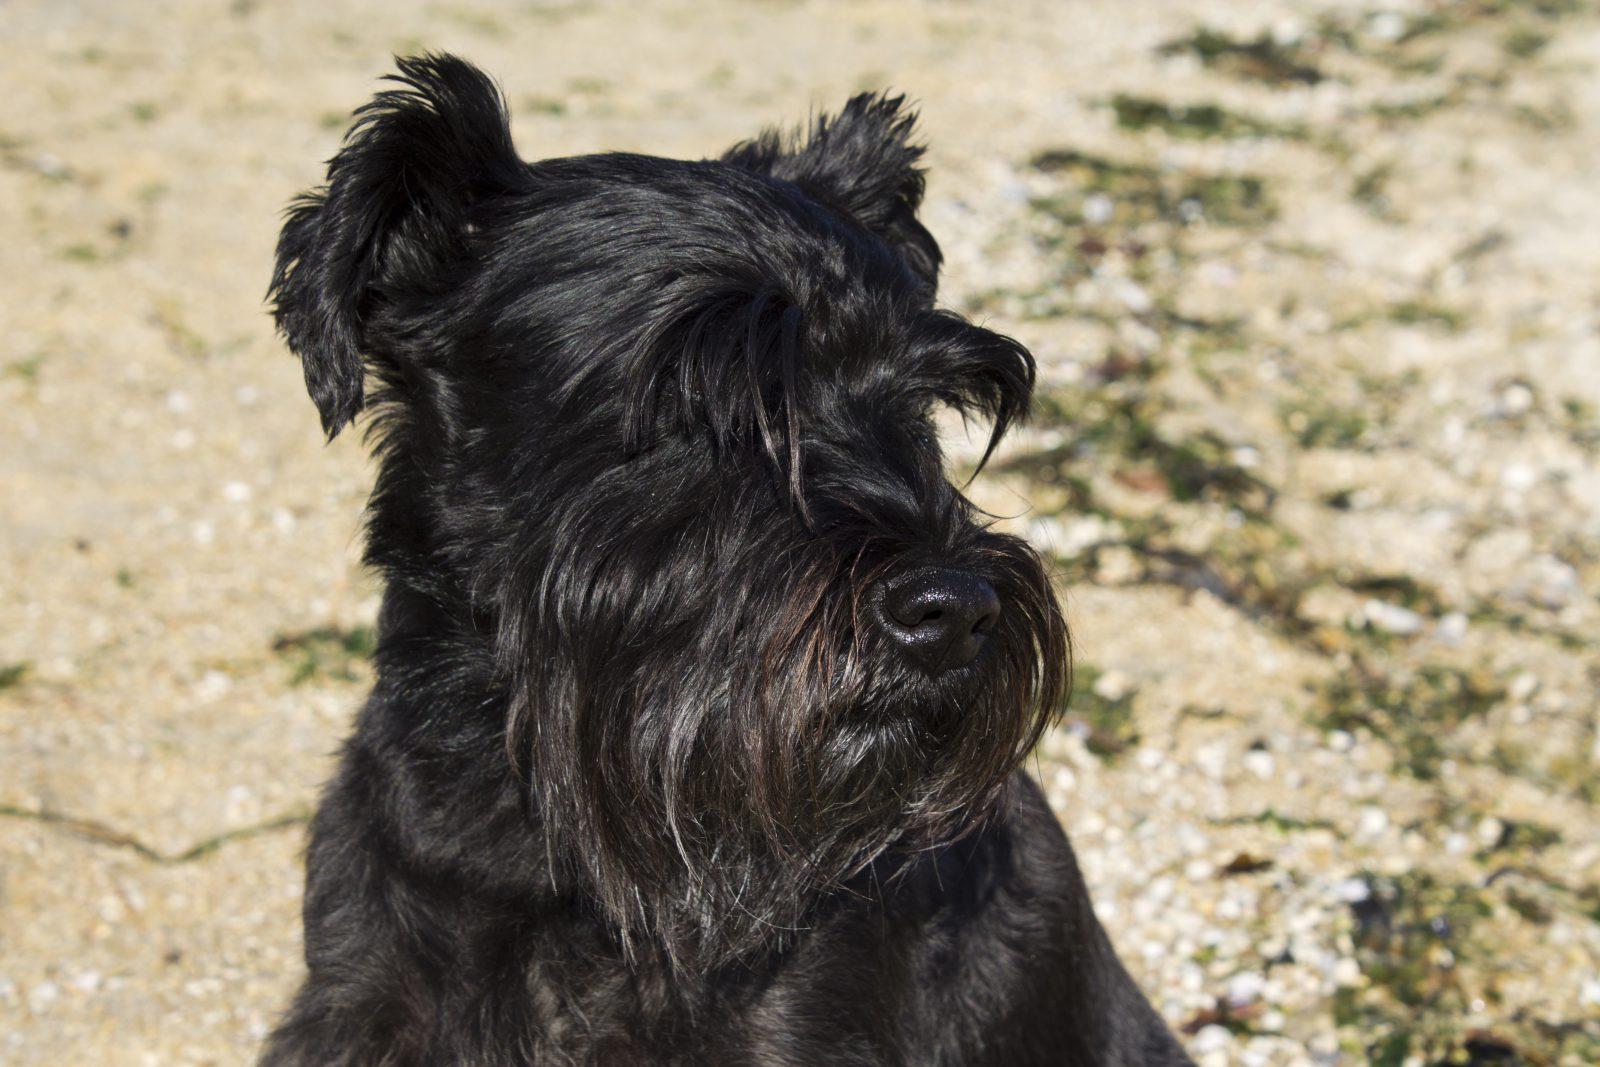 Raça de cachorro pequeno para idosos: Schnauzer preto adulto sempre pronto para defender seu dono e seu território.